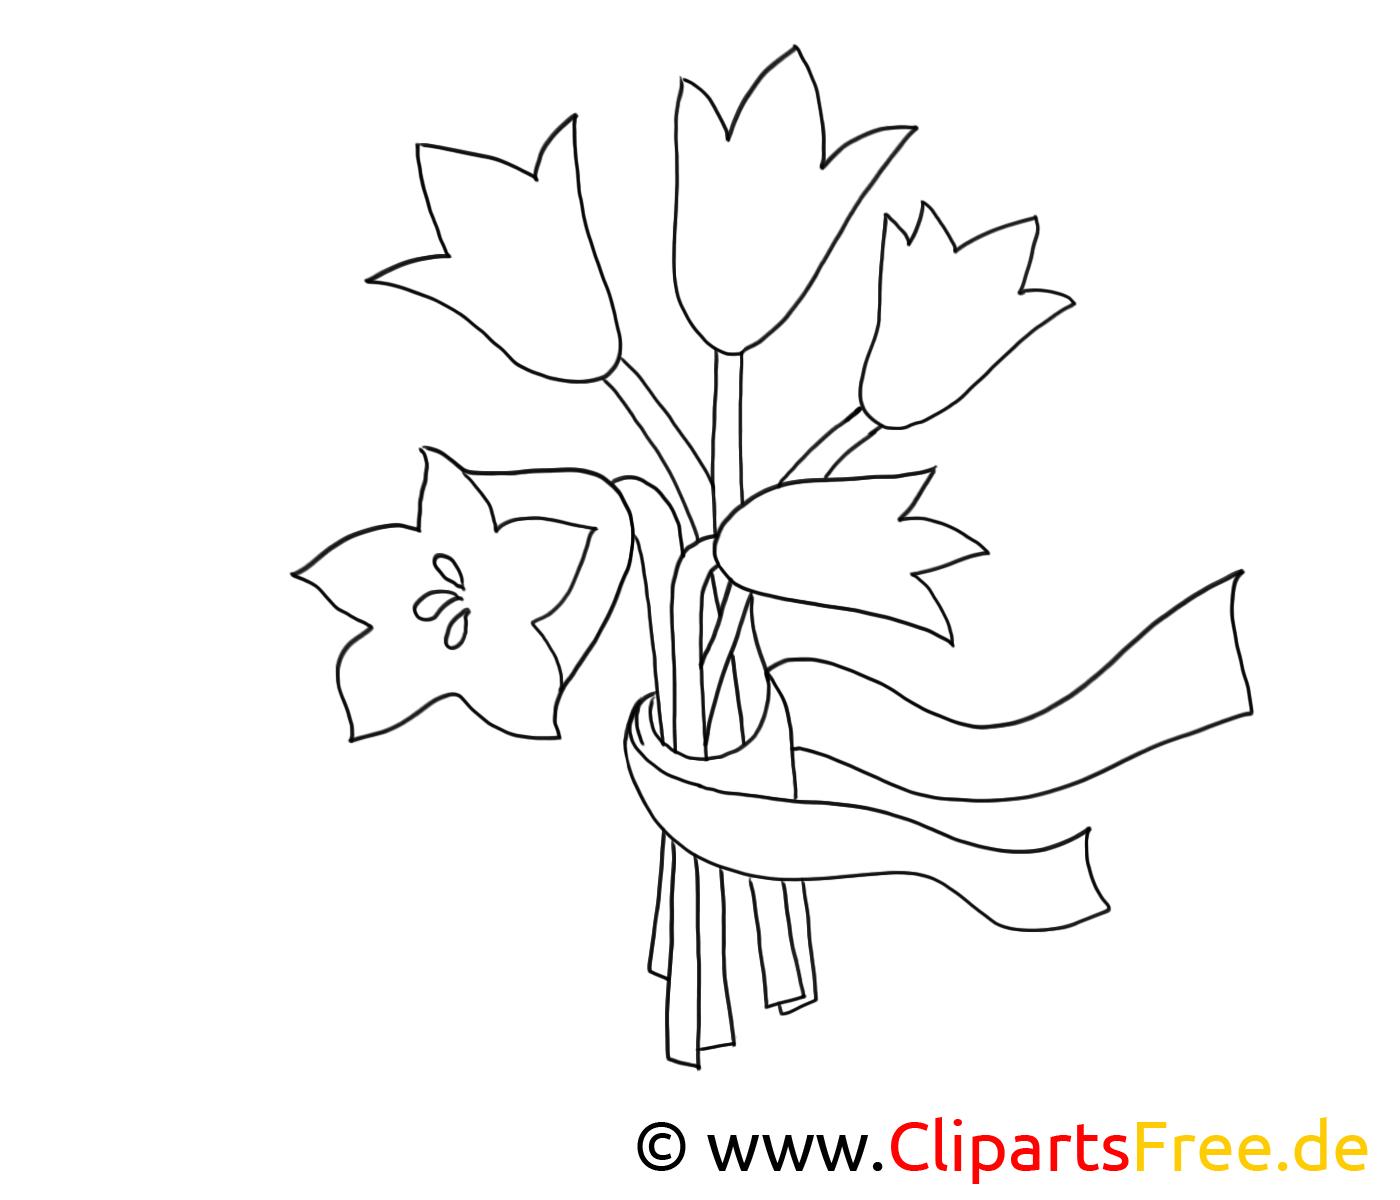 Blumen zum Ausmalen gratis